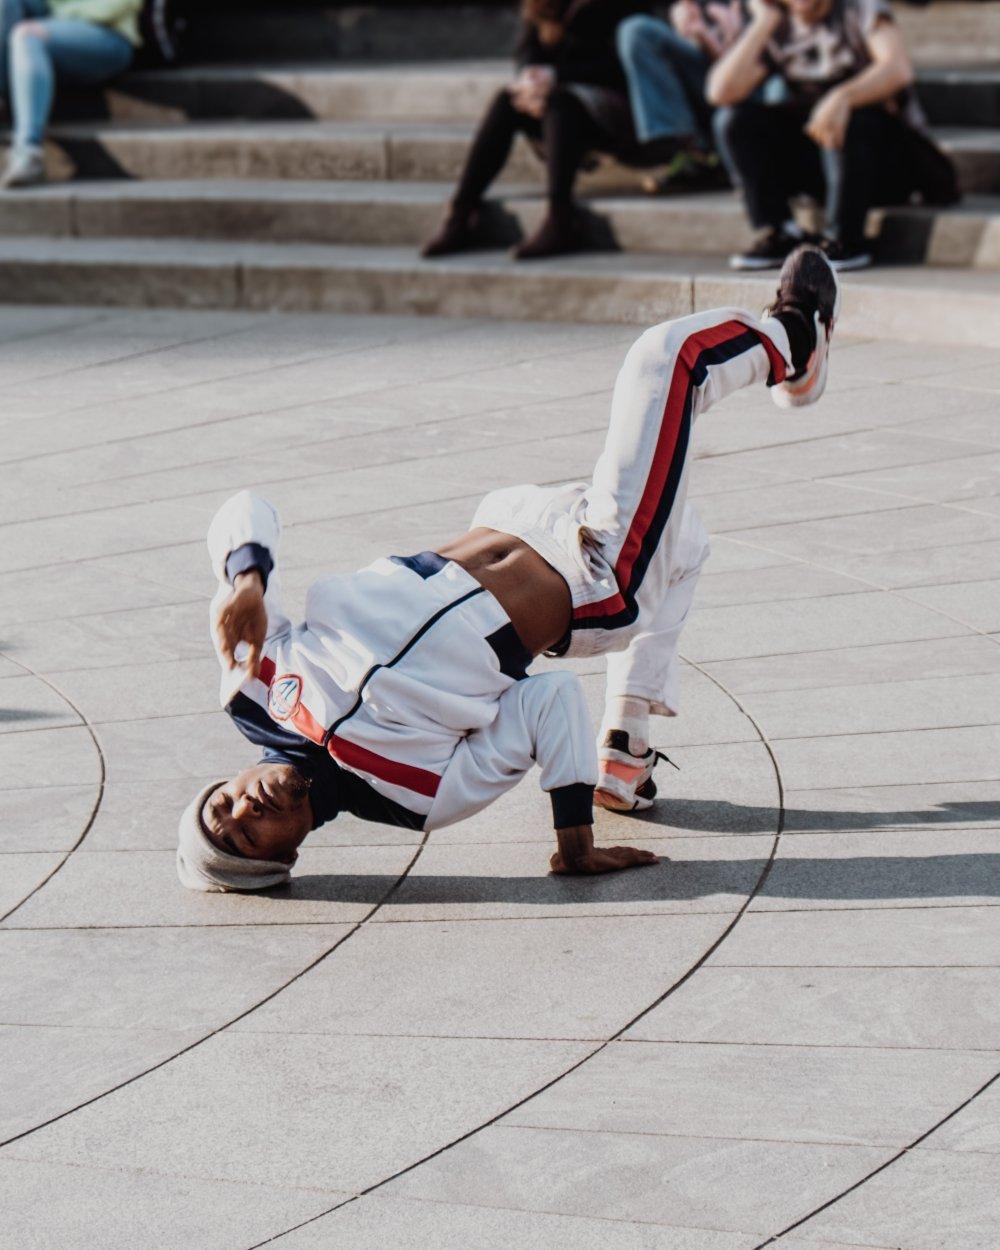 hombre haciendo break dance frente al público